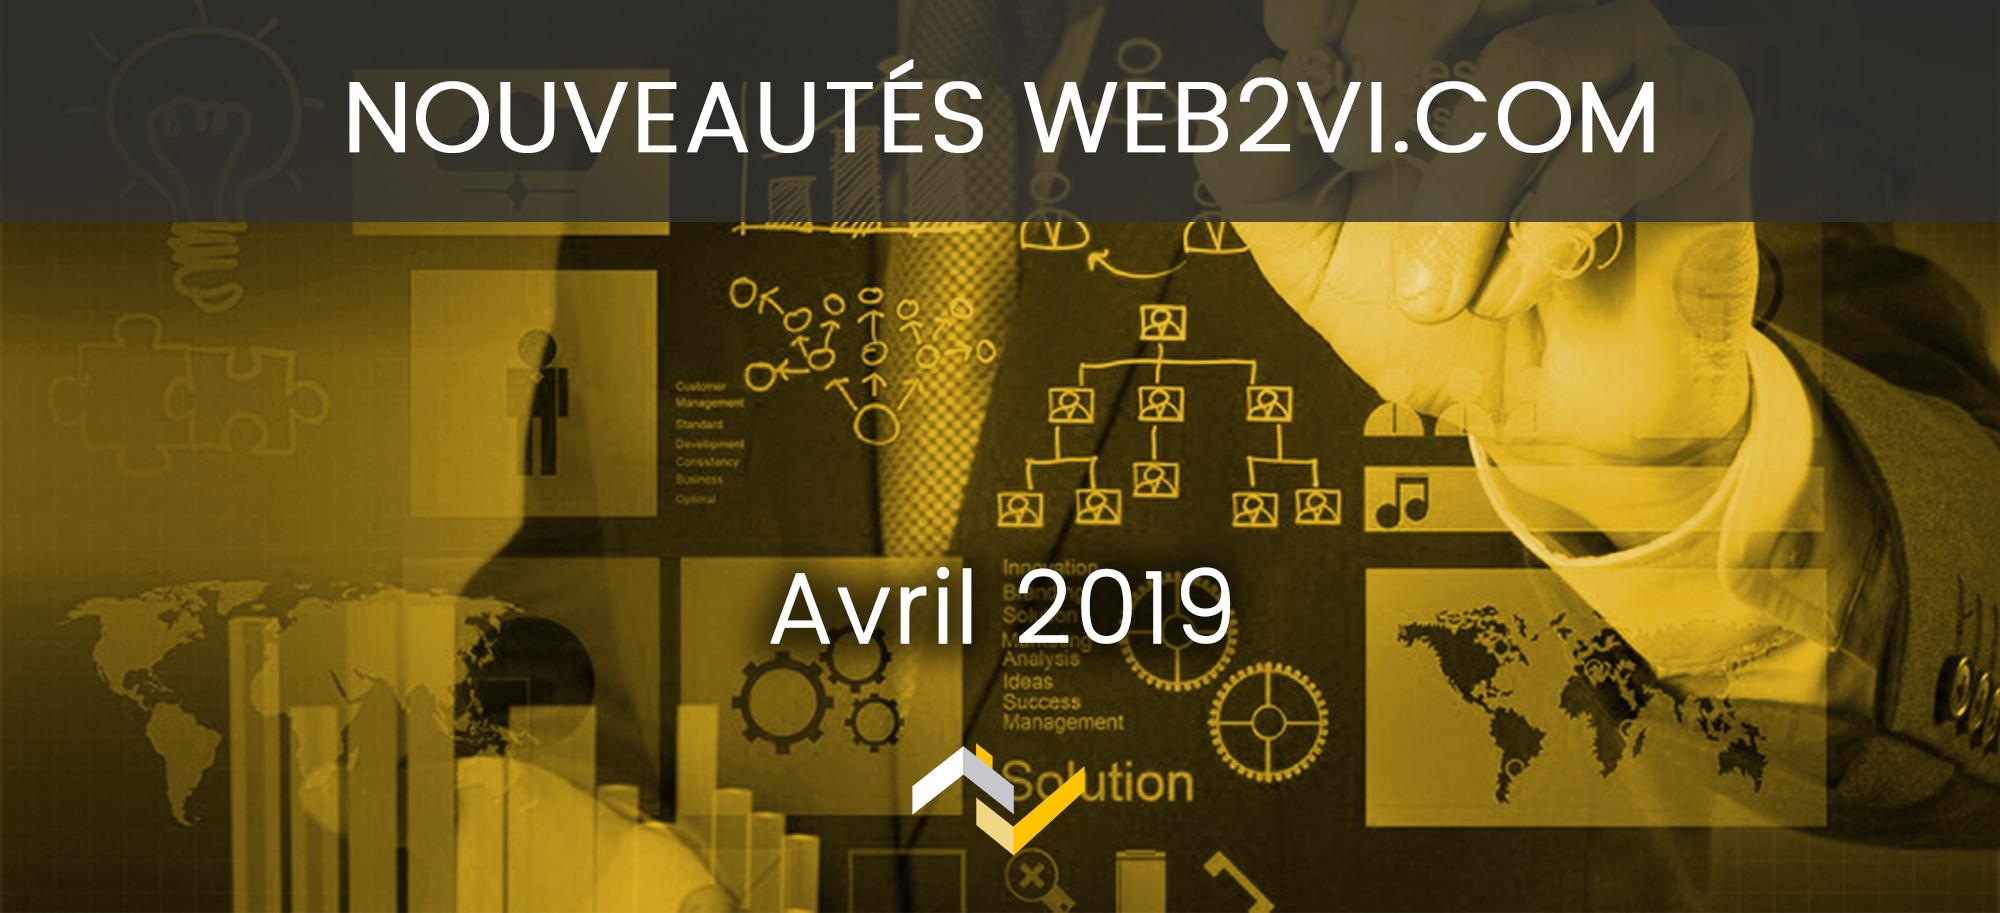 Les nouveautés de la plateforme Web2vi.com - Avril 2019